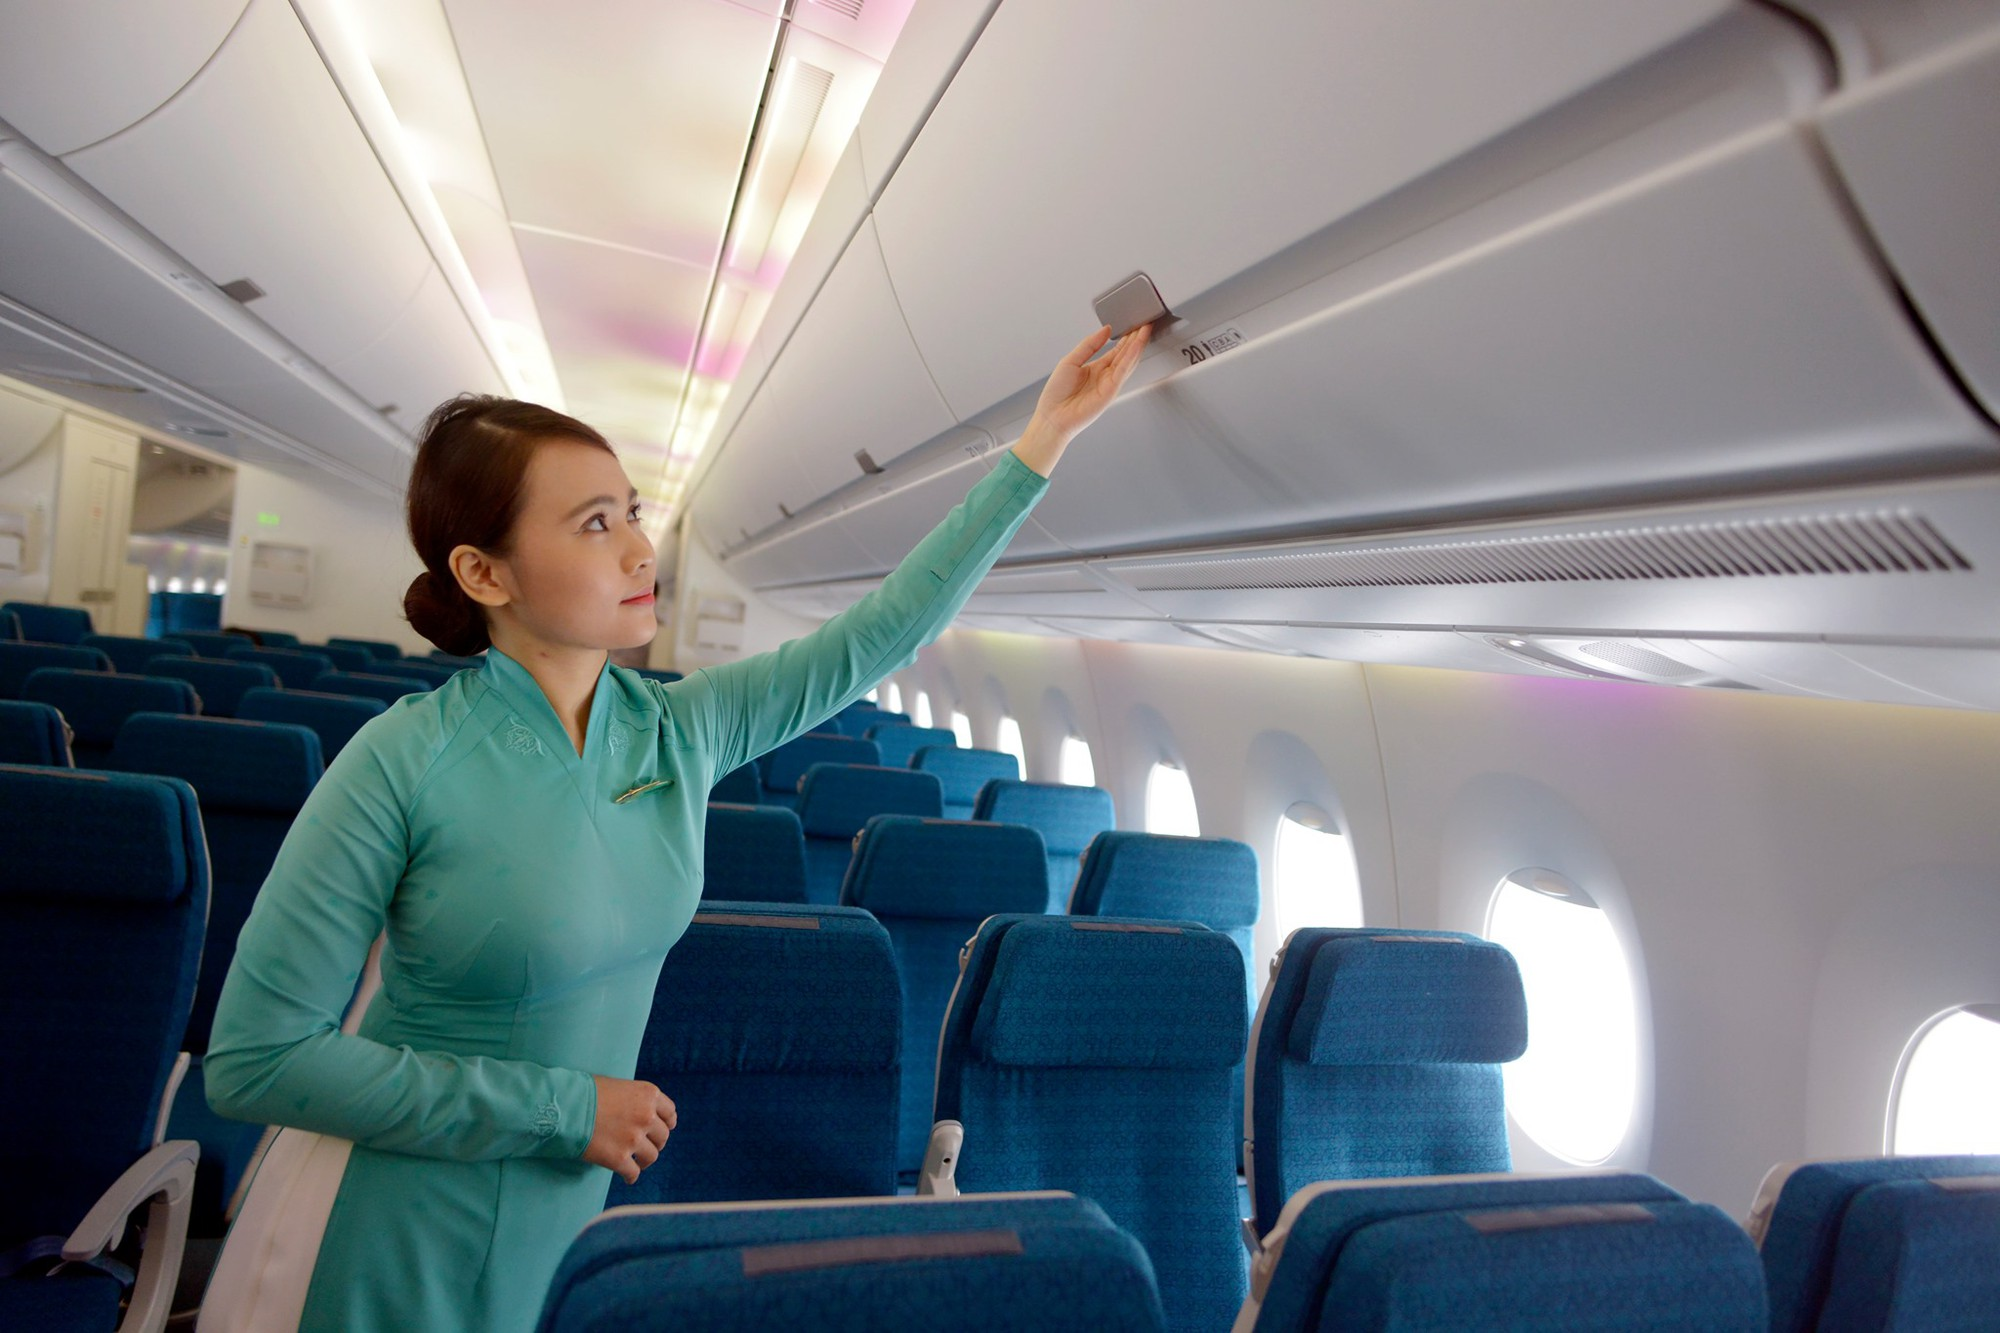 Vietnam Airlines cung ứng hơn 7,5 triệu chỗ dịp cao điểm hè 2019 - Ảnh 1.